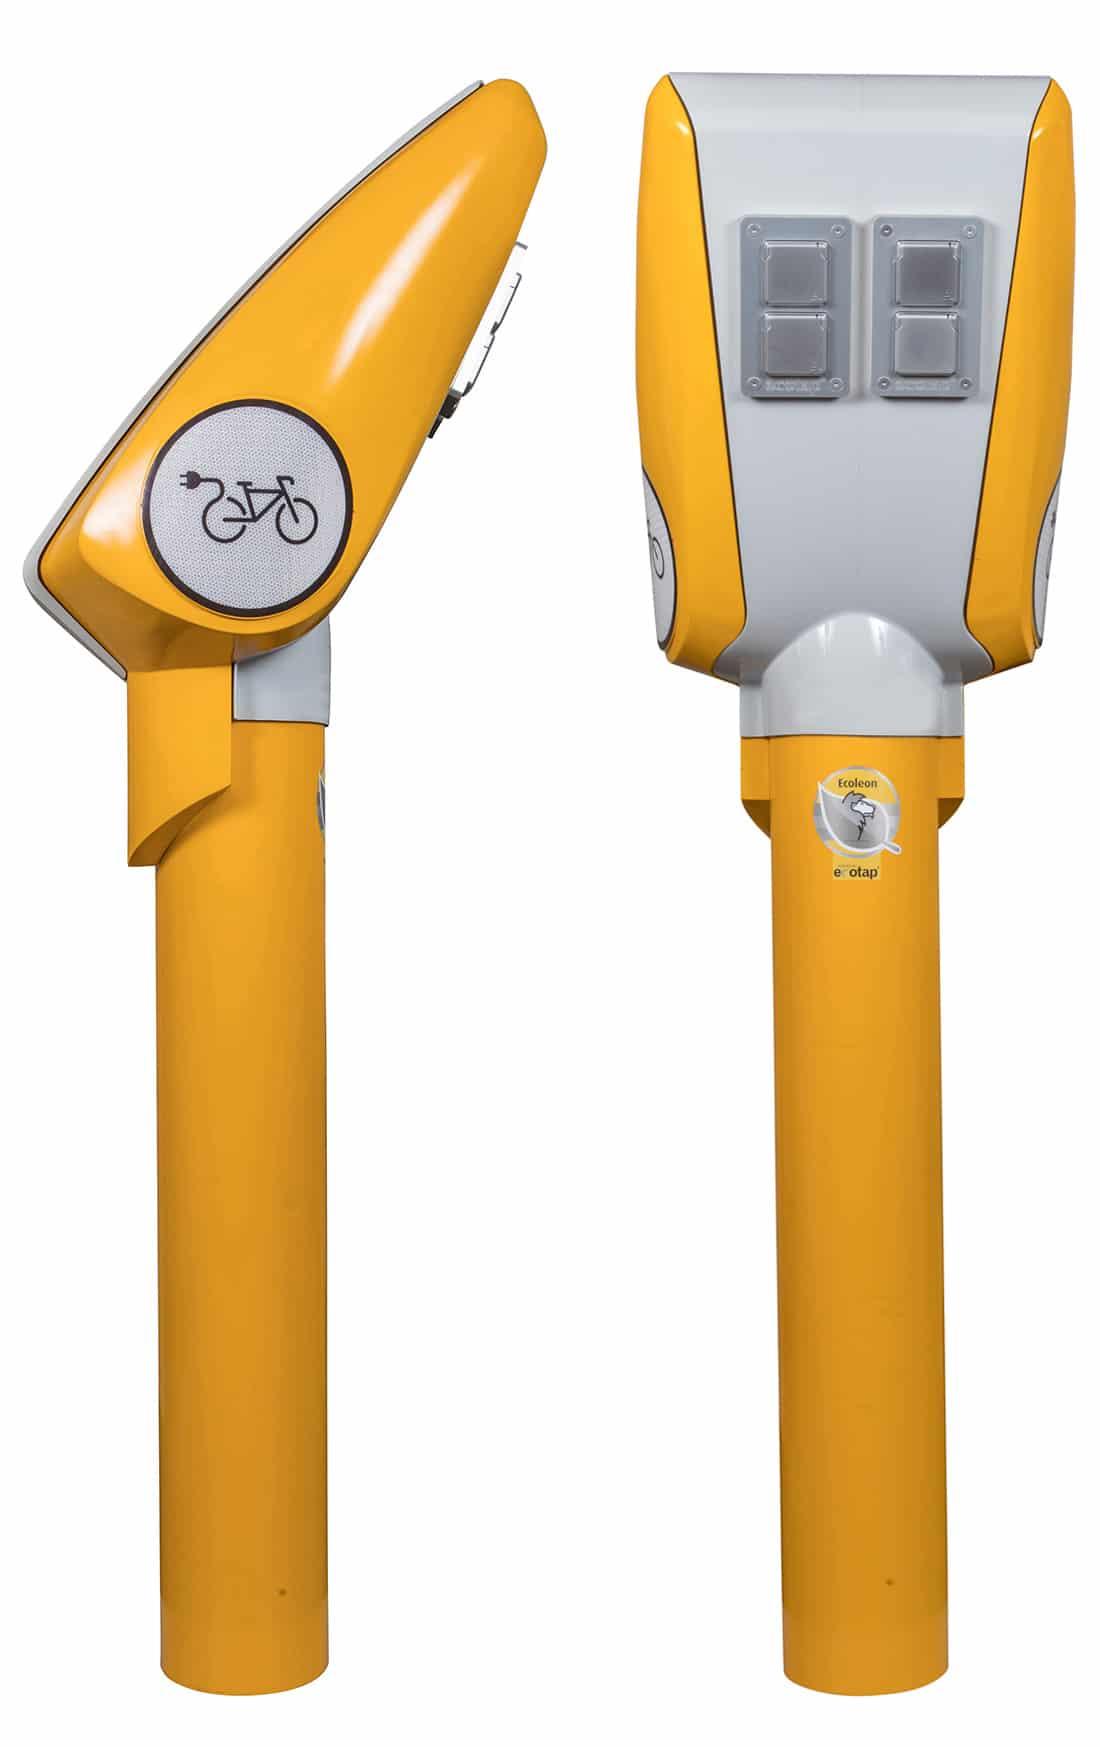 fiets-praatpaal-1